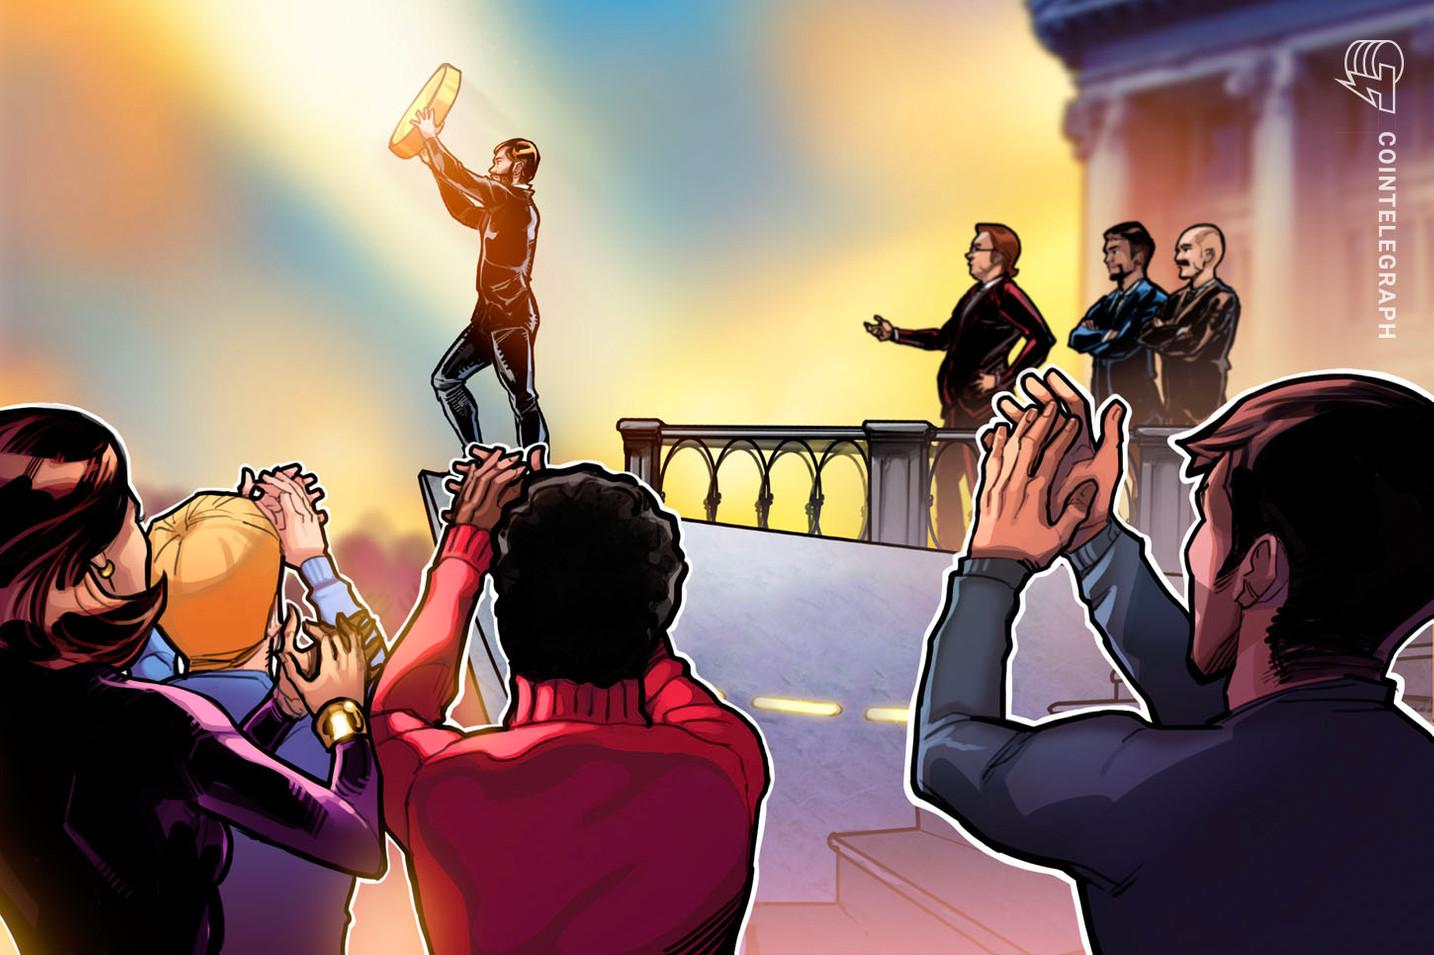 TZERO oferece negociação pública a partir de 12 de agosto e espera até 50.000 investidores